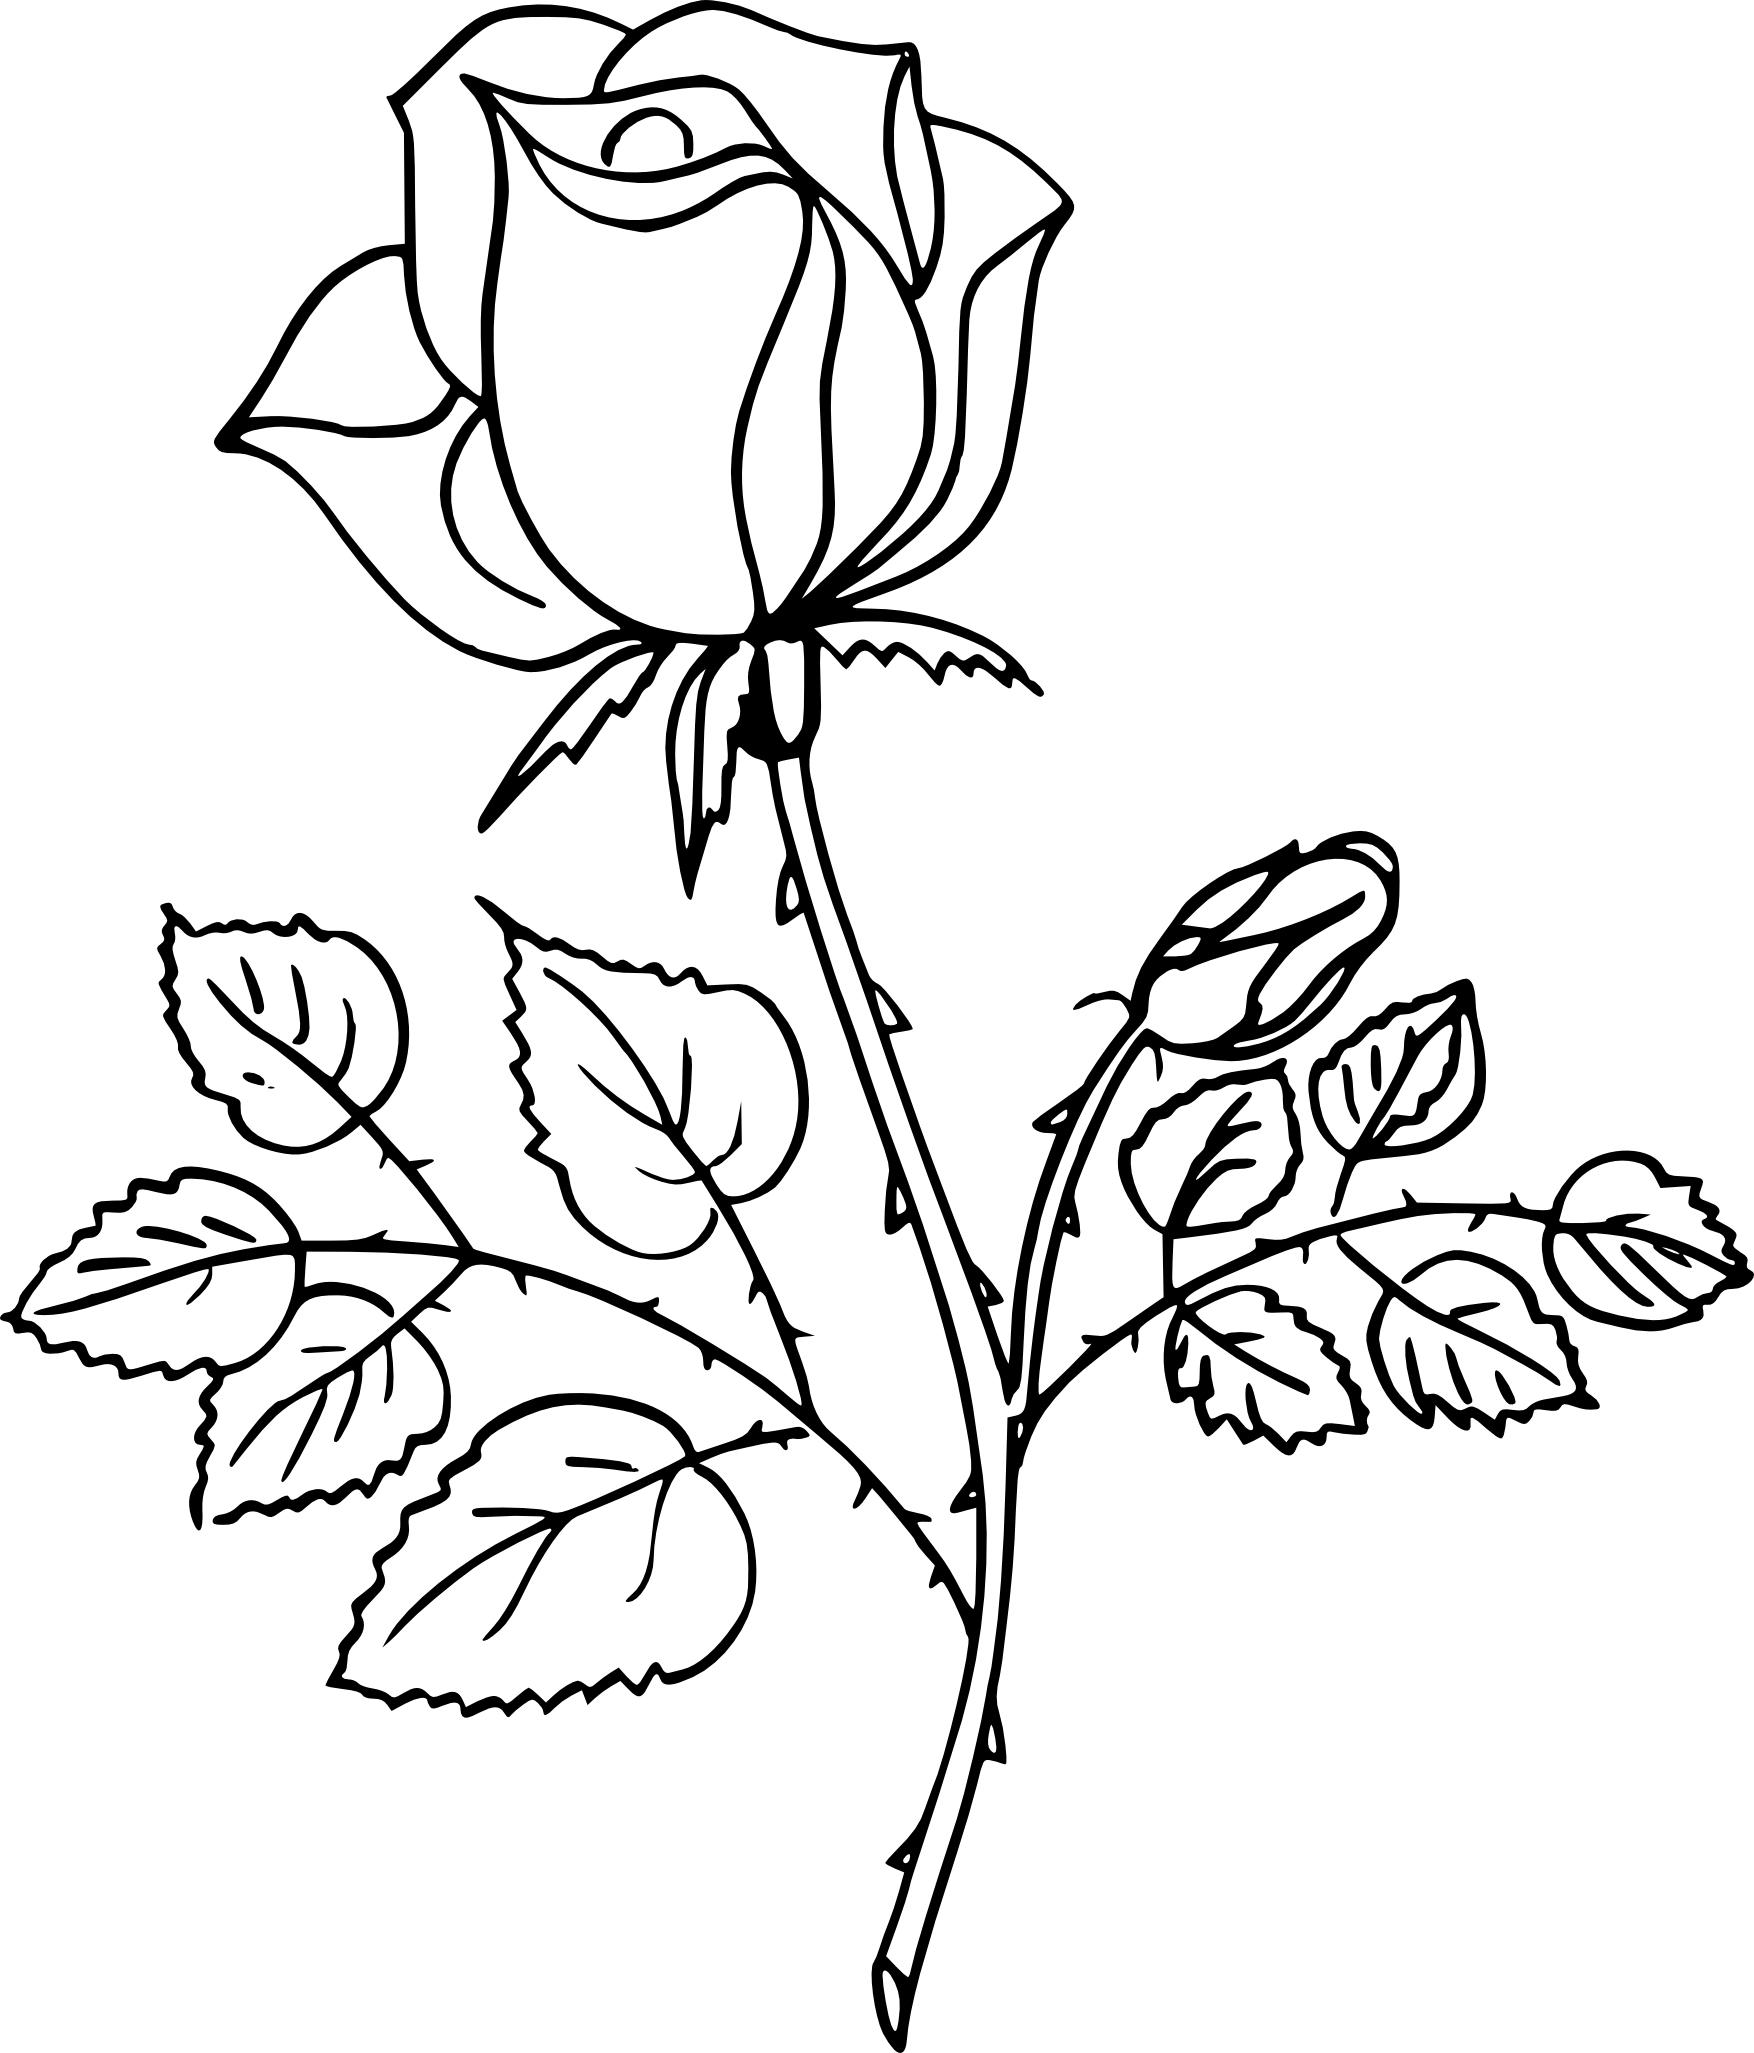 Coloriage Rose et dessin à imprimer